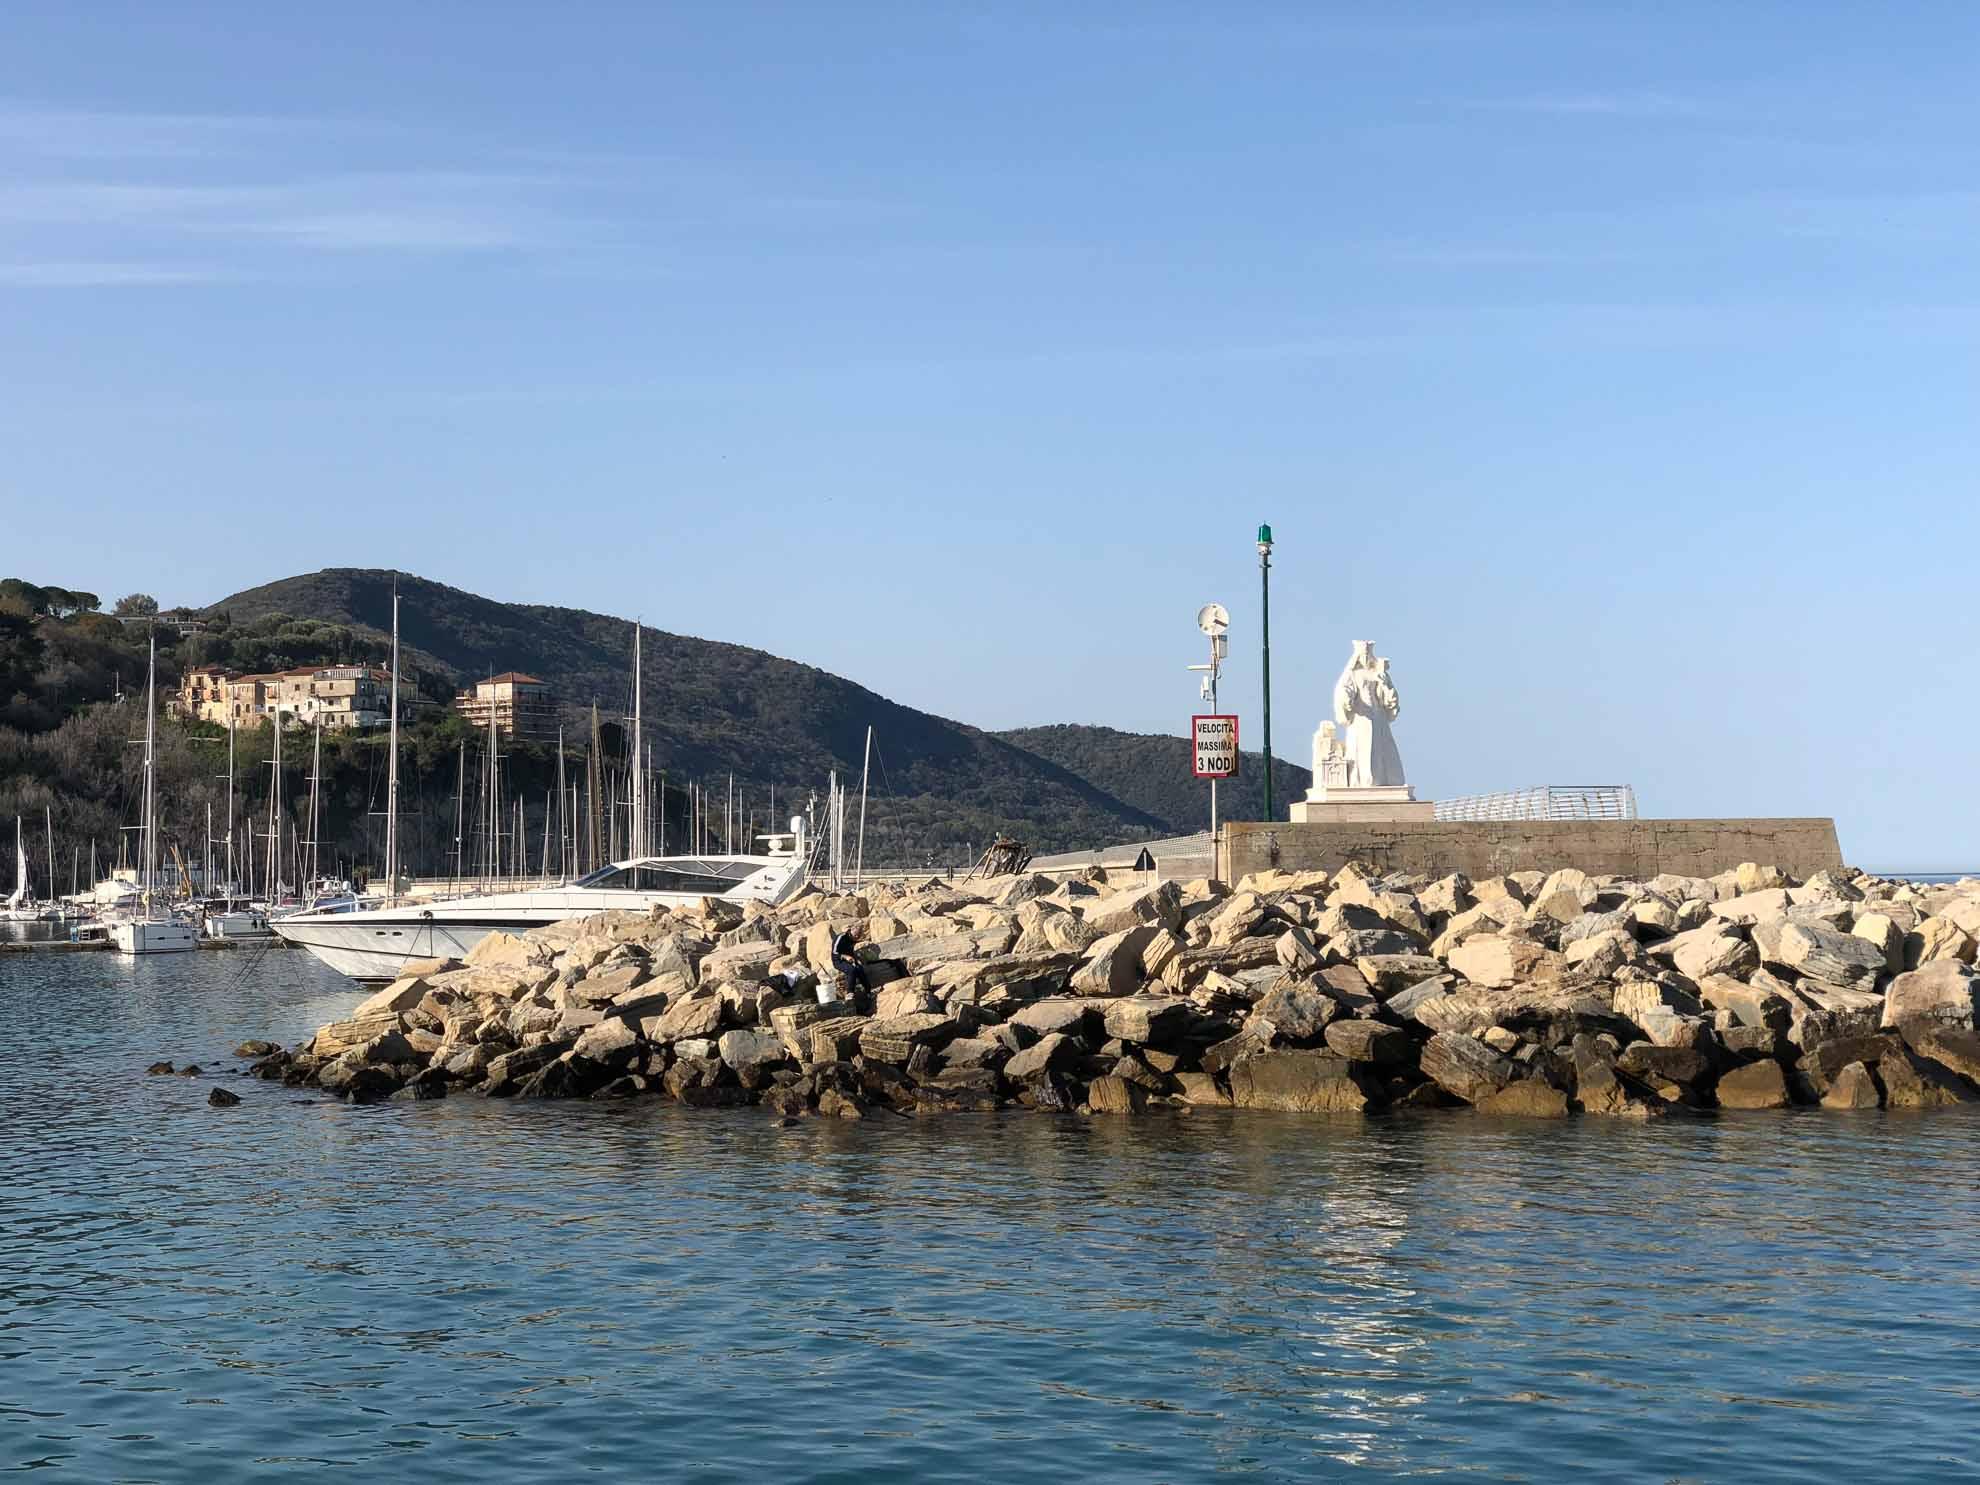 Über Nacht sind wir von Stromboli gen Norden gefahren und erreichen nach einer ruhigen Überfahrt unter Maschine am nächsten Morgen Agropoli am italienischen Festland.